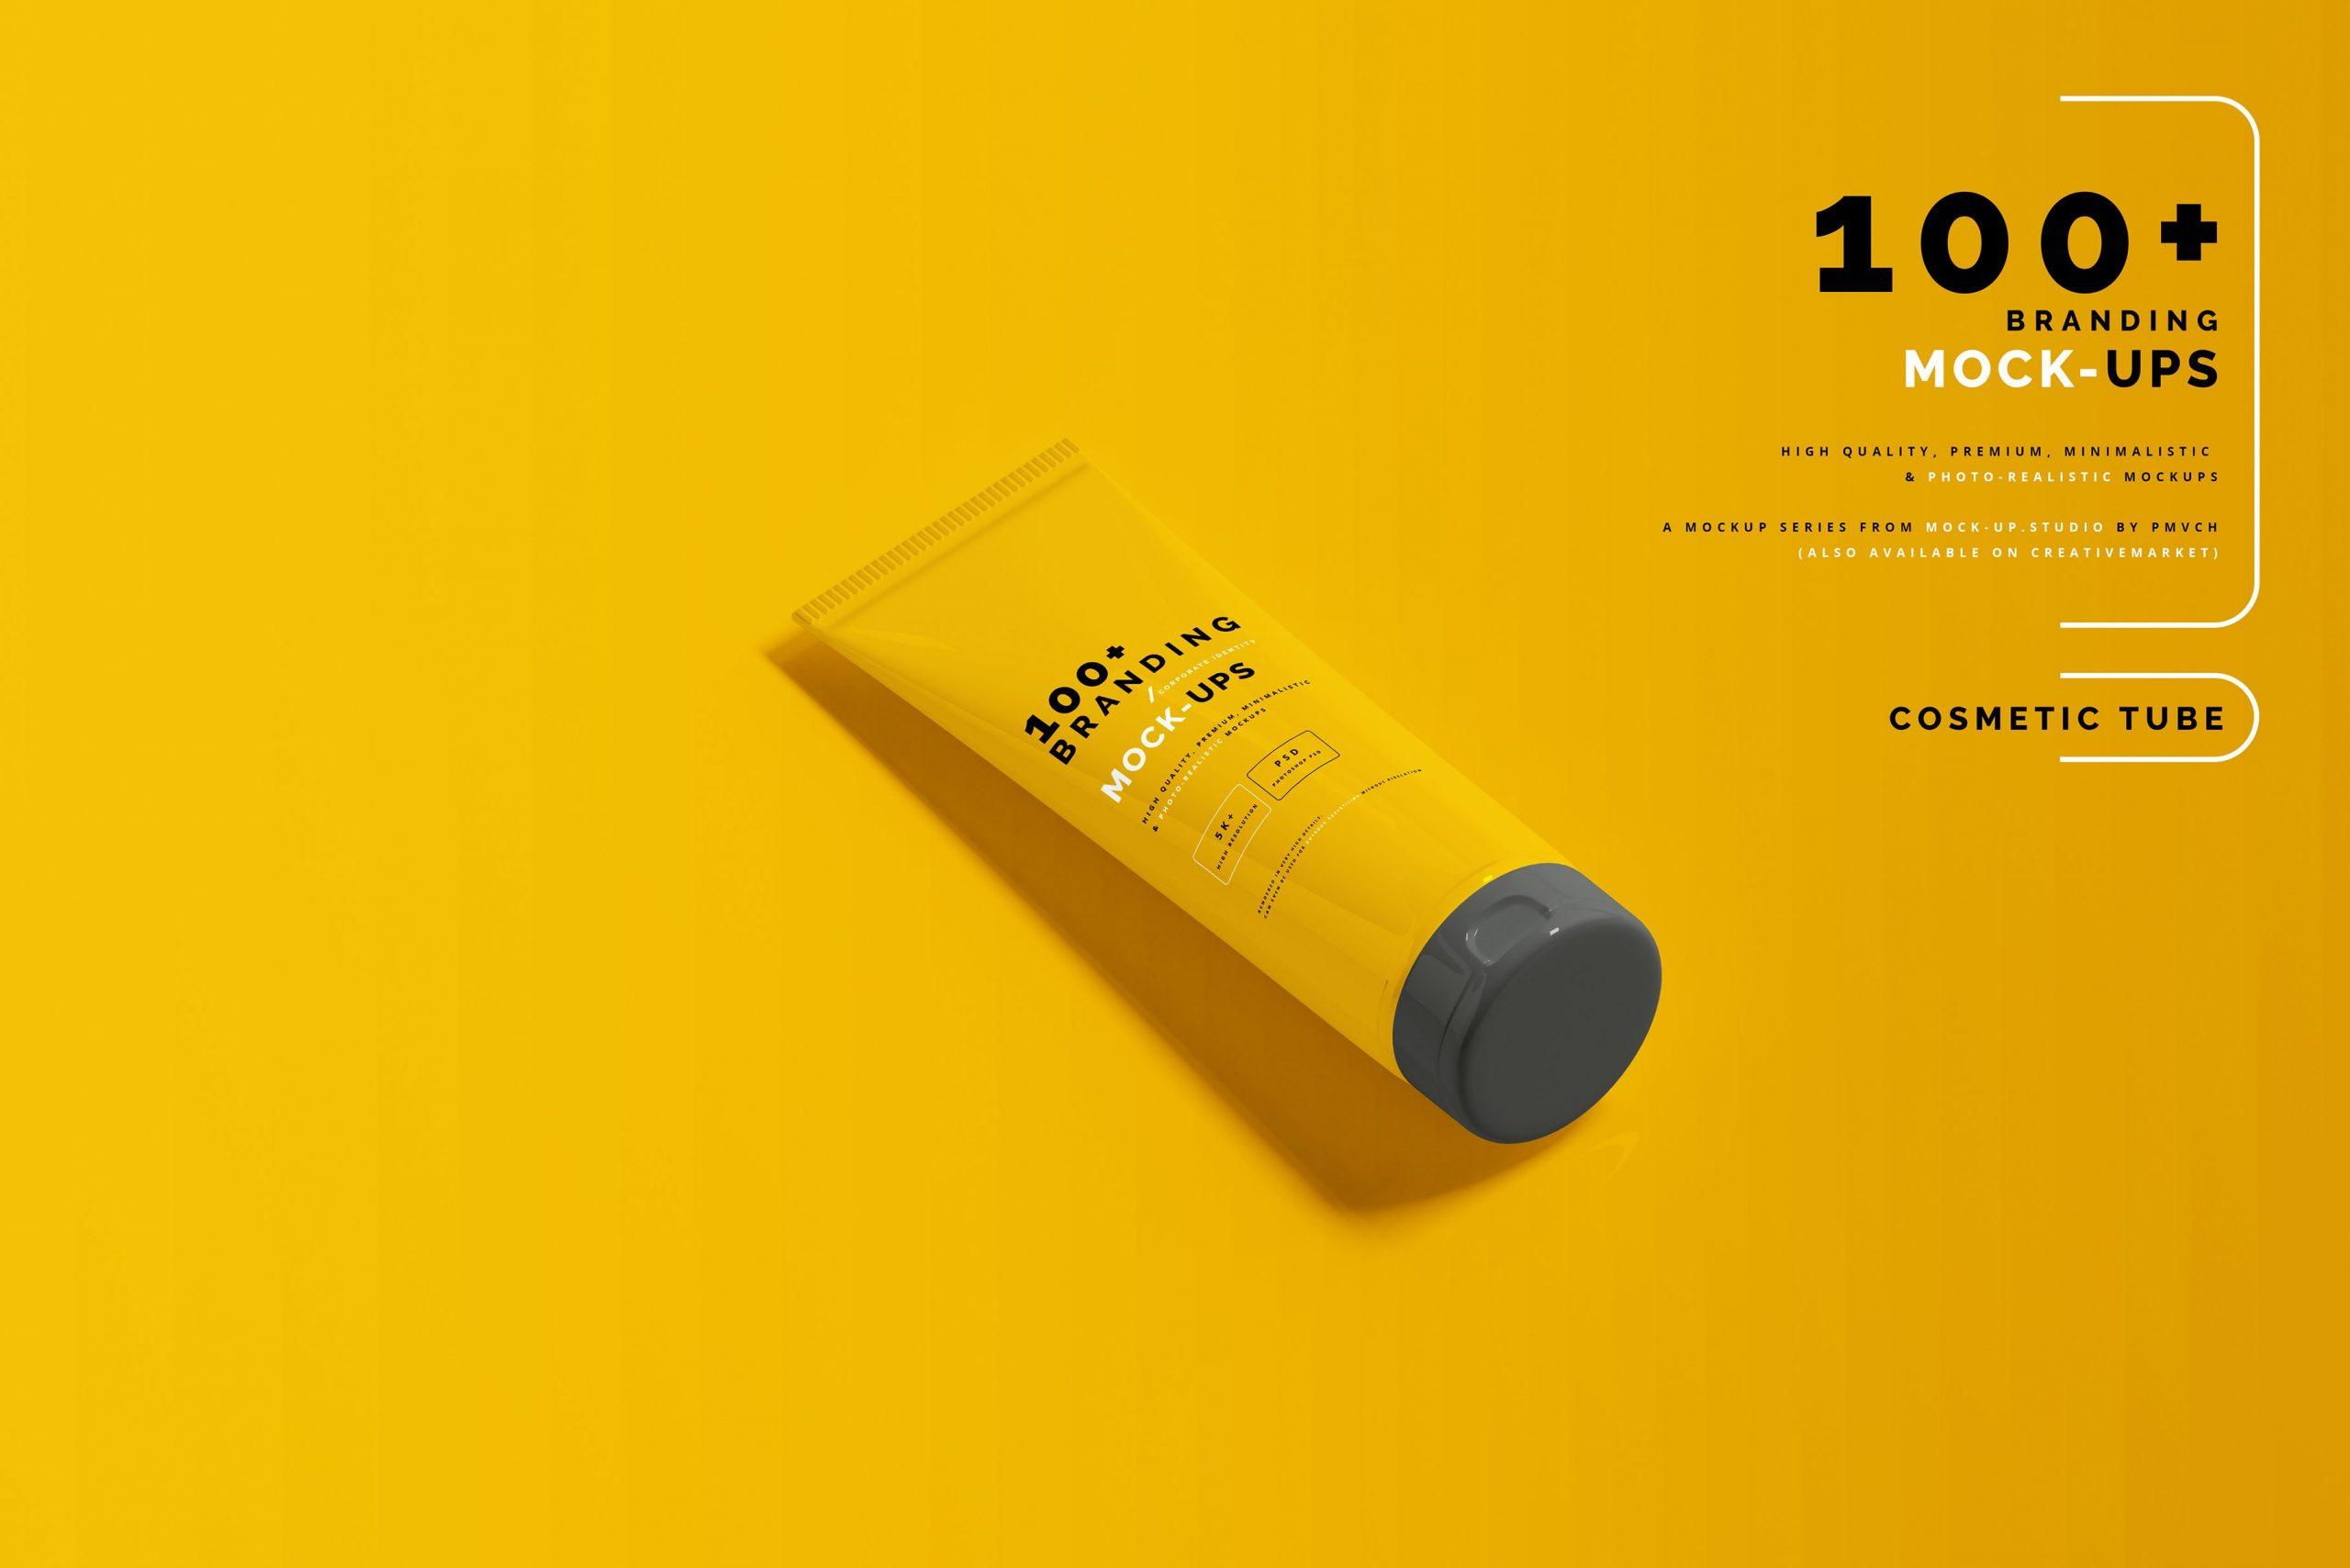 VI样机:100多个宣传册书籍瓶子名片CD封套咖啡杯化妆品海报横幅高分辨率品牌PSD样机(4248)插图(1)